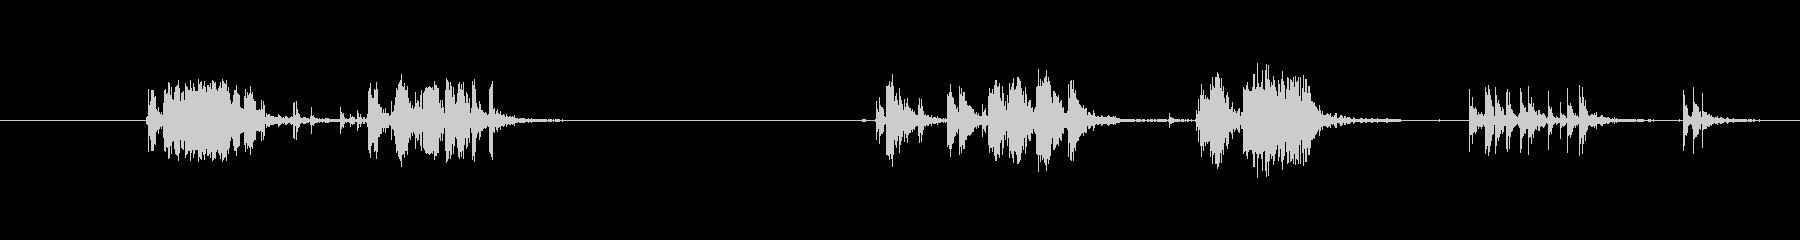 【生音】テープを剥がす音の未再生の波形